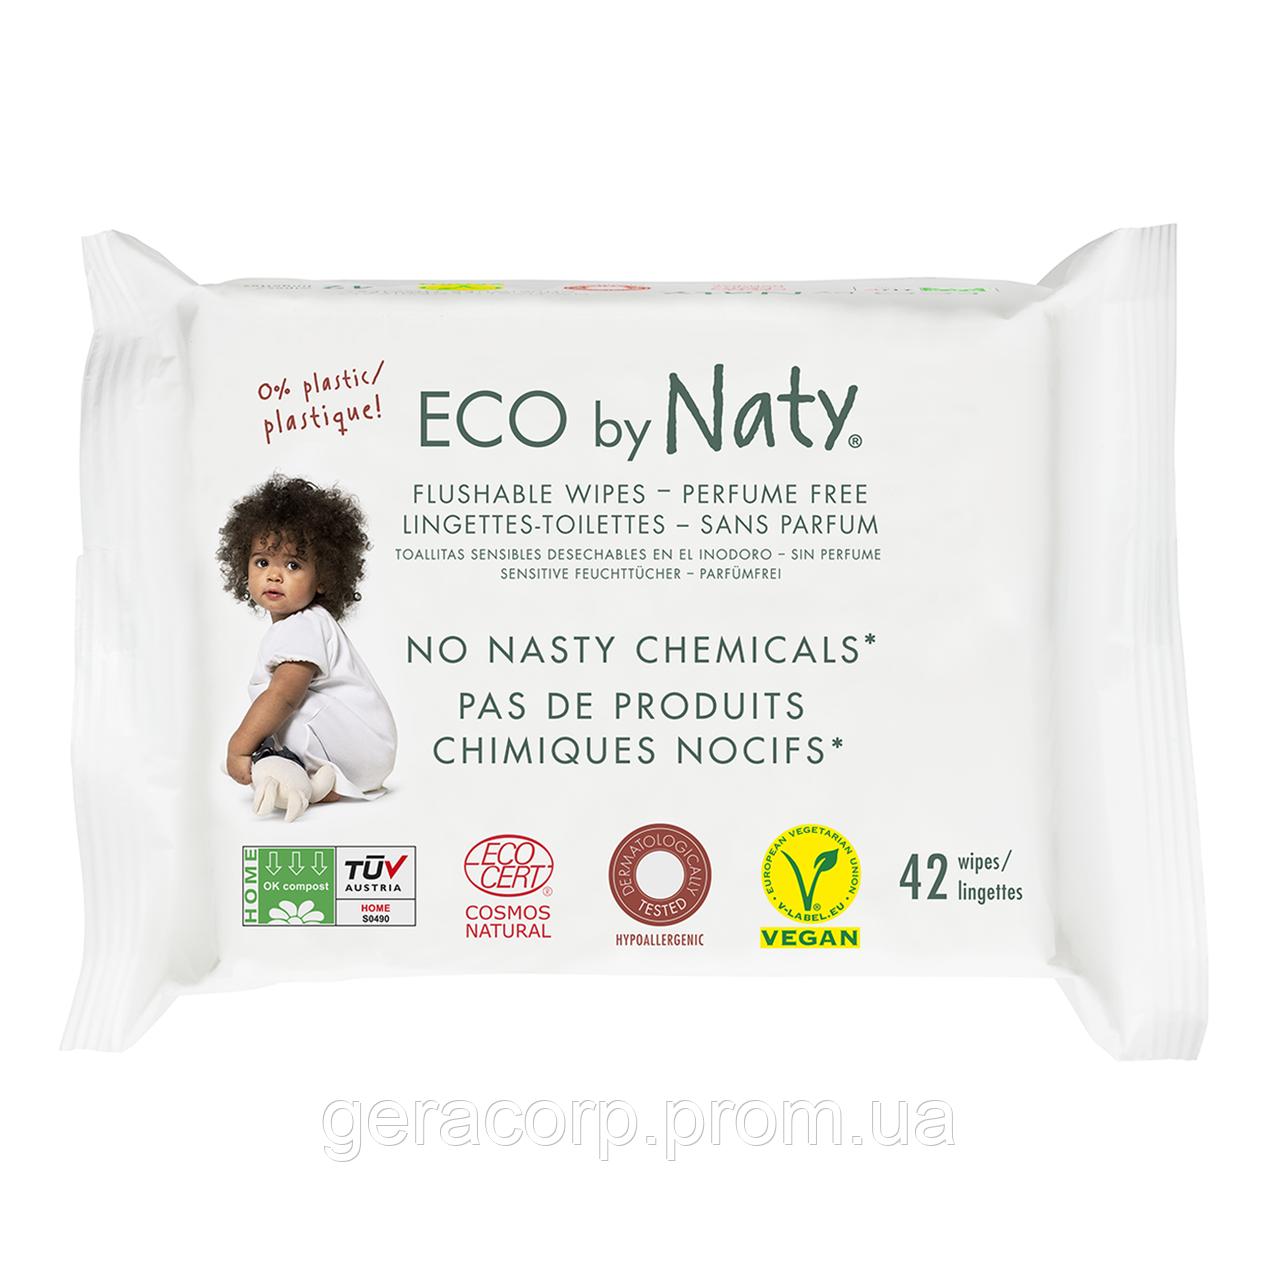 Органические смываемые салфетки Eco by Naty с легким запахом 42 шт